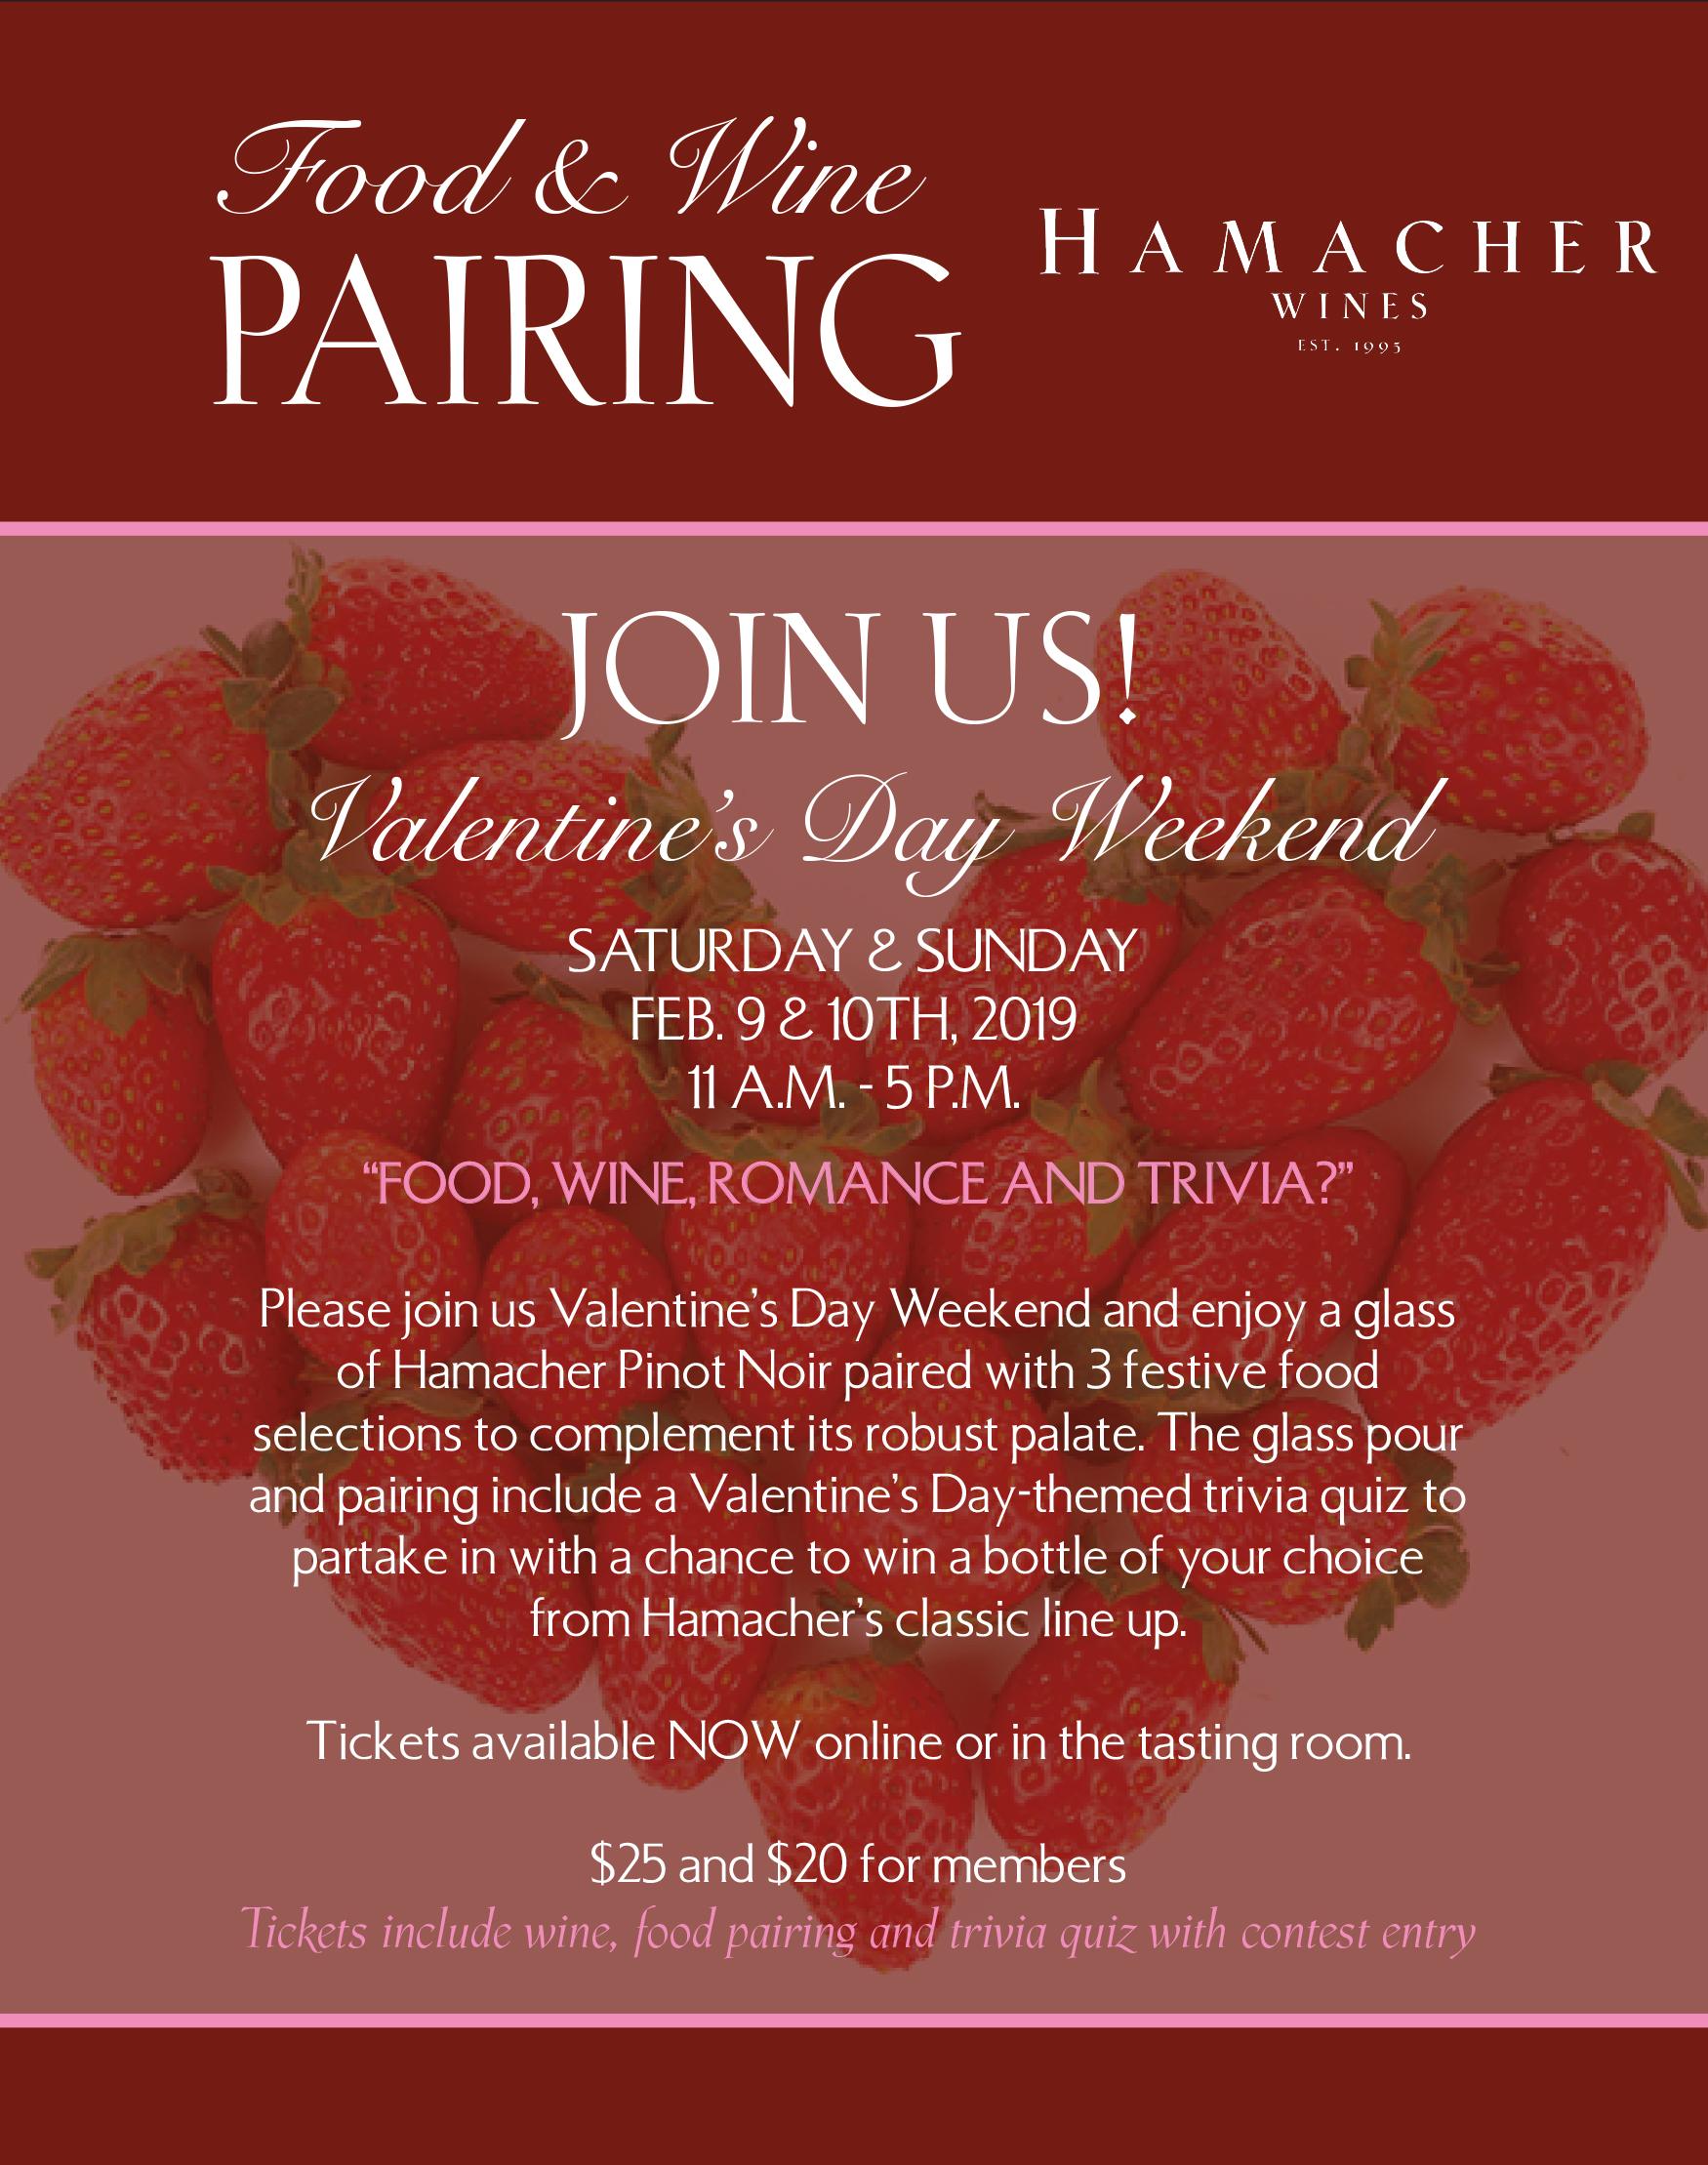 2019 V-Day Weekend Food Pairing Poster_1.15.19.jpg